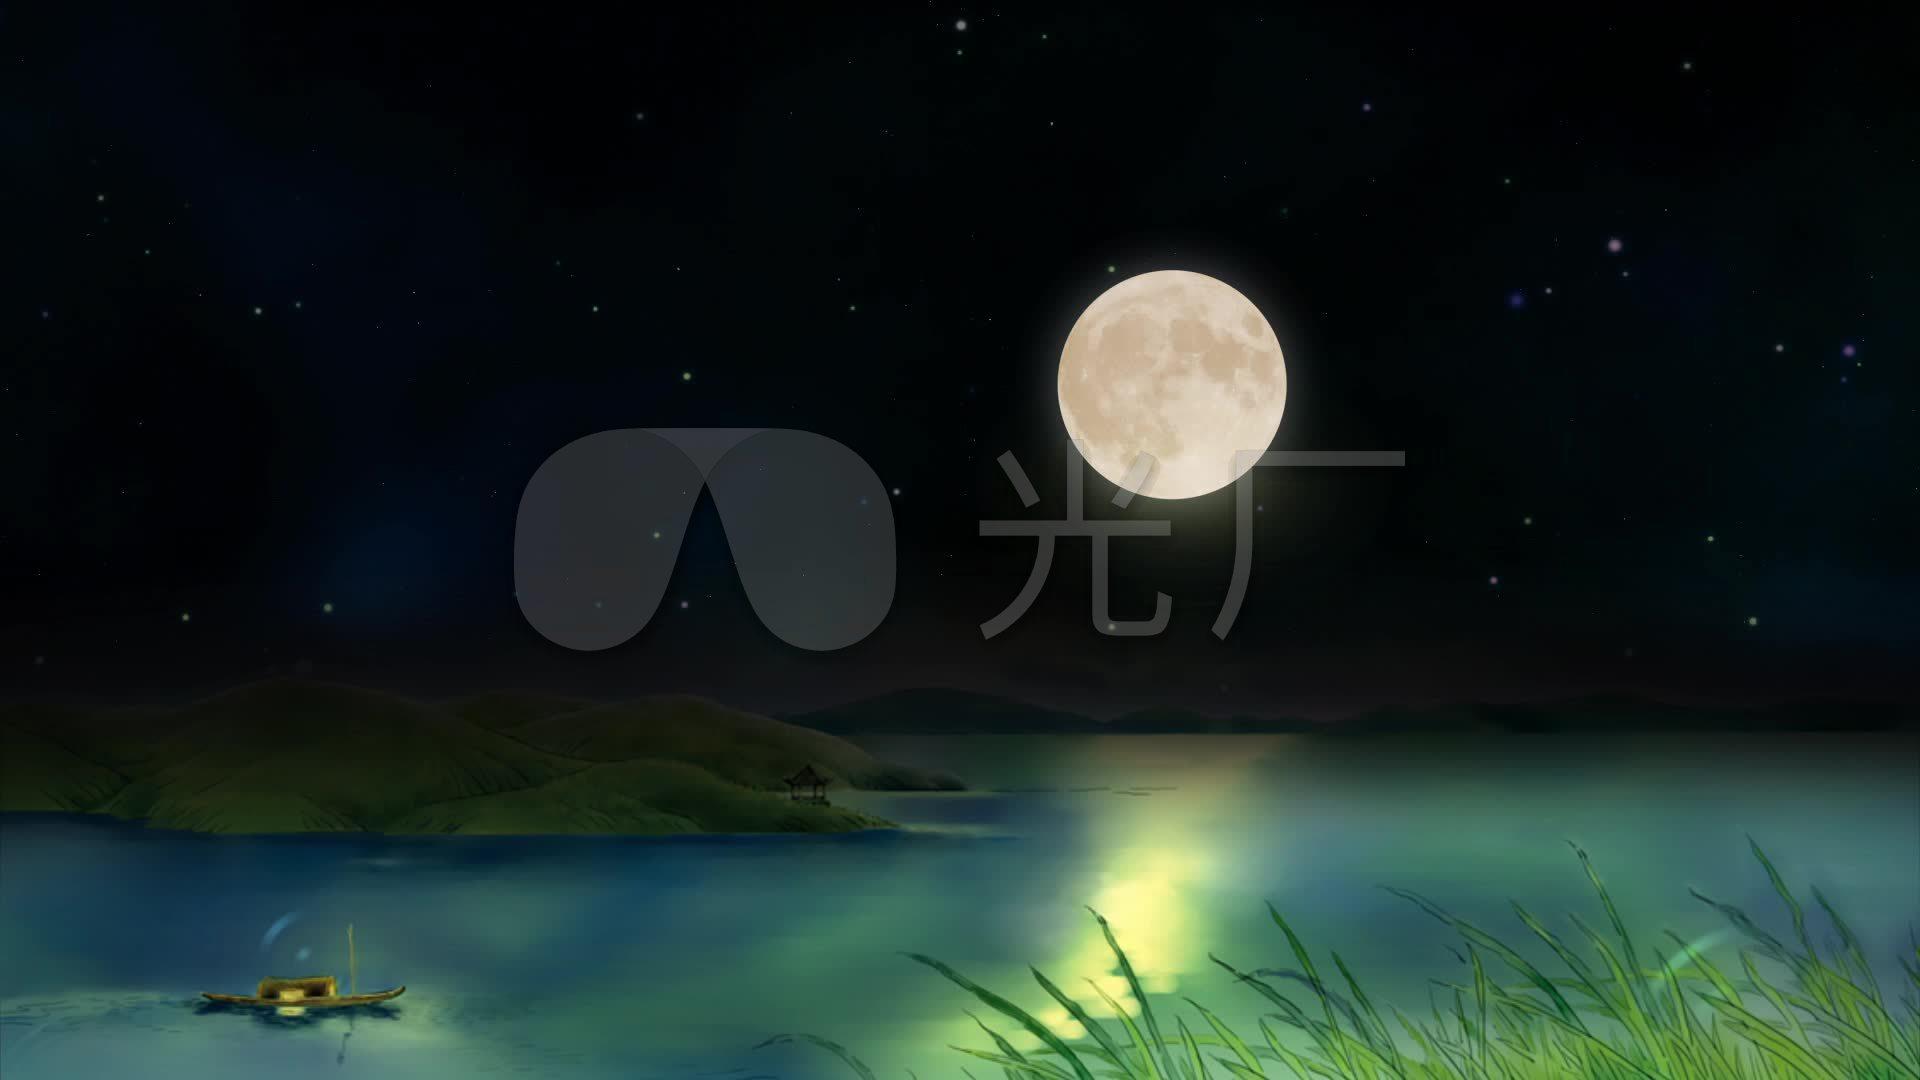 素材春江花月夜led视频视频古筝_1920X1080背景葵价金花